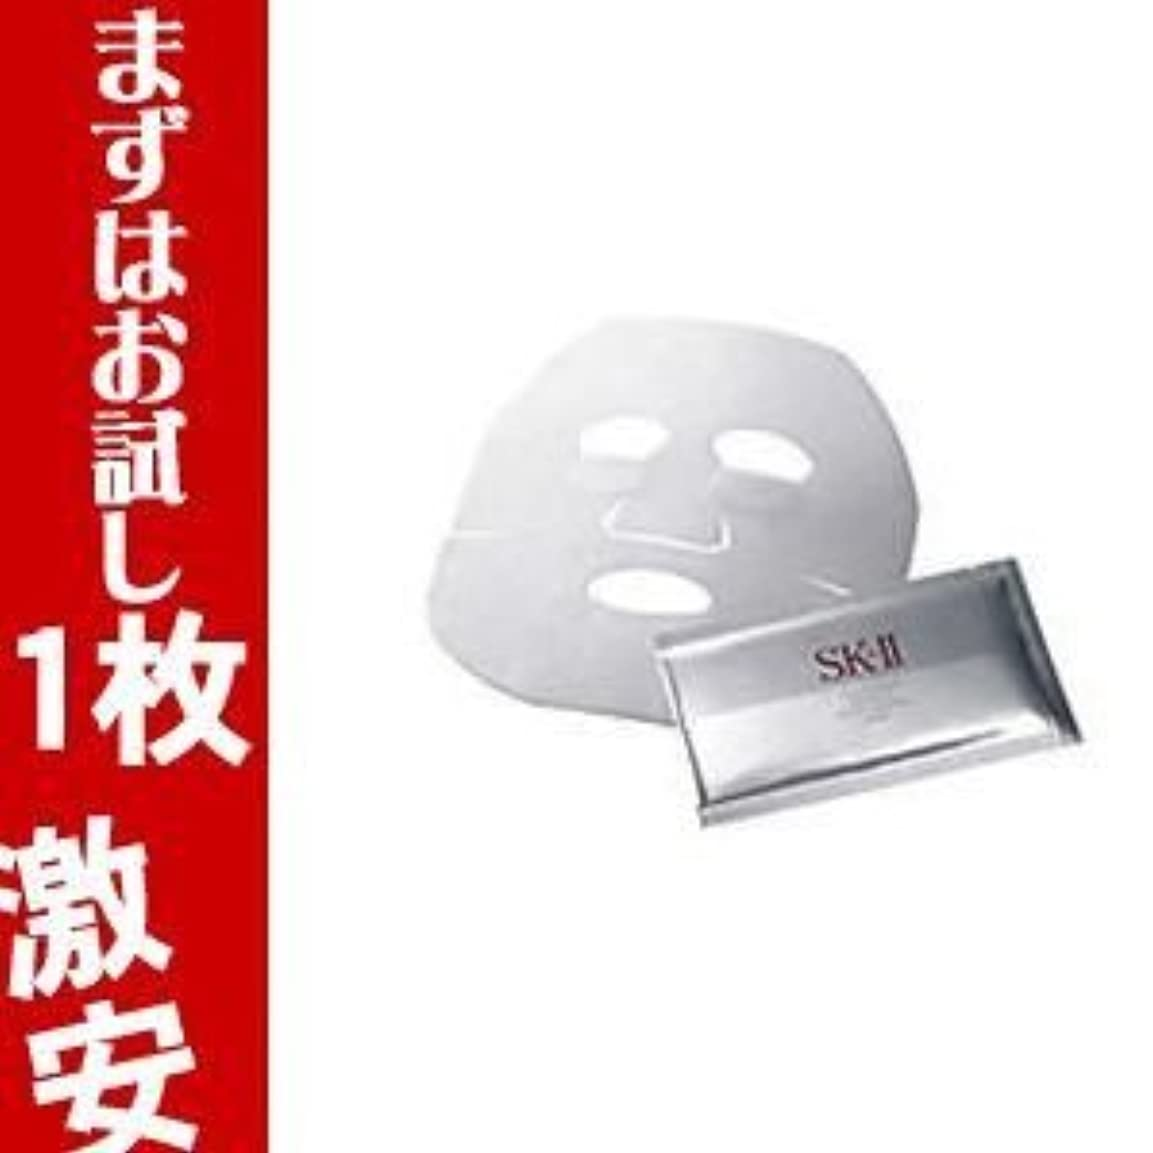 グレード暗殺する低い【SK-II SK-2】 ホワイトニングソース ダーム リバイバル マスク 1枚  【箱なし】